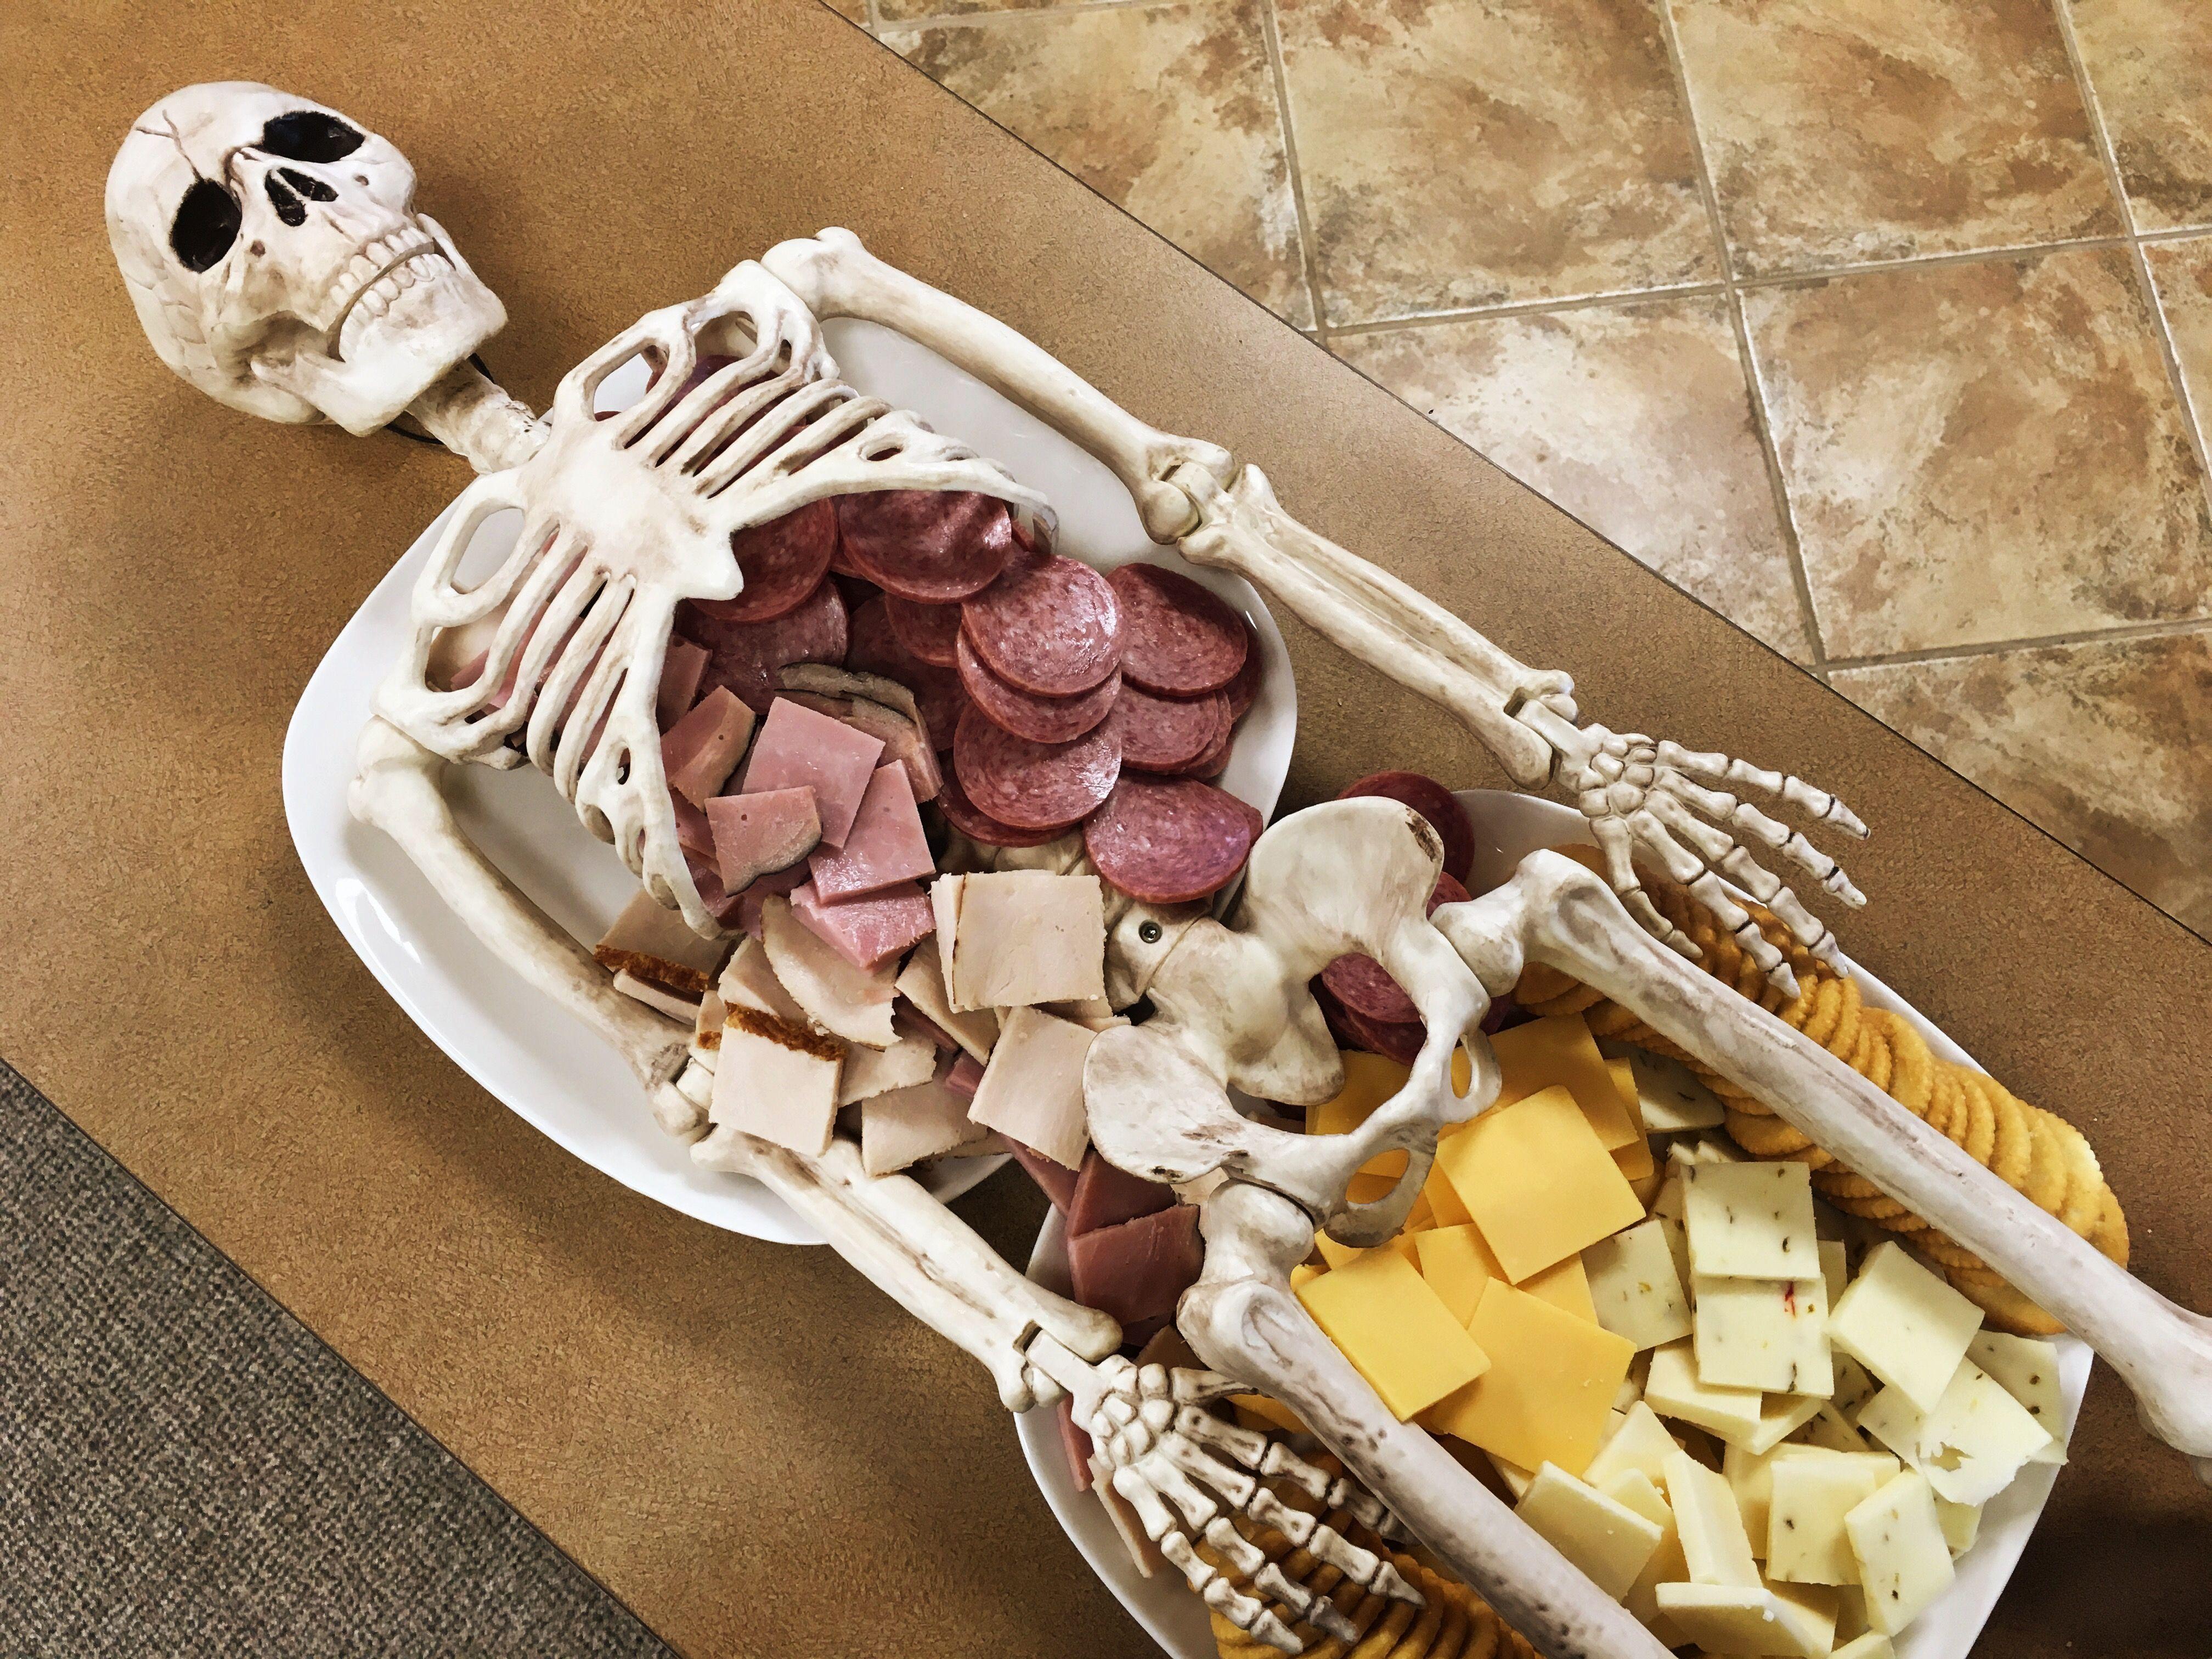 An easy Halloween potluck idea. #halloweenpotluckideas An easy Halloween potluck idea. #halloweenpotluckideas An easy Halloween potluck idea. #halloweenpotluckideas An easy Halloween potluck idea. #halloweenpotluckideas An easy Halloween potluck idea. #halloweenpotluckideas An easy Halloween potluck idea. #halloweenpotluckideas An easy Halloween potluck idea. #halloweenpotluckideas An easy Halloween potluck idea. #halloweenpotluckideas